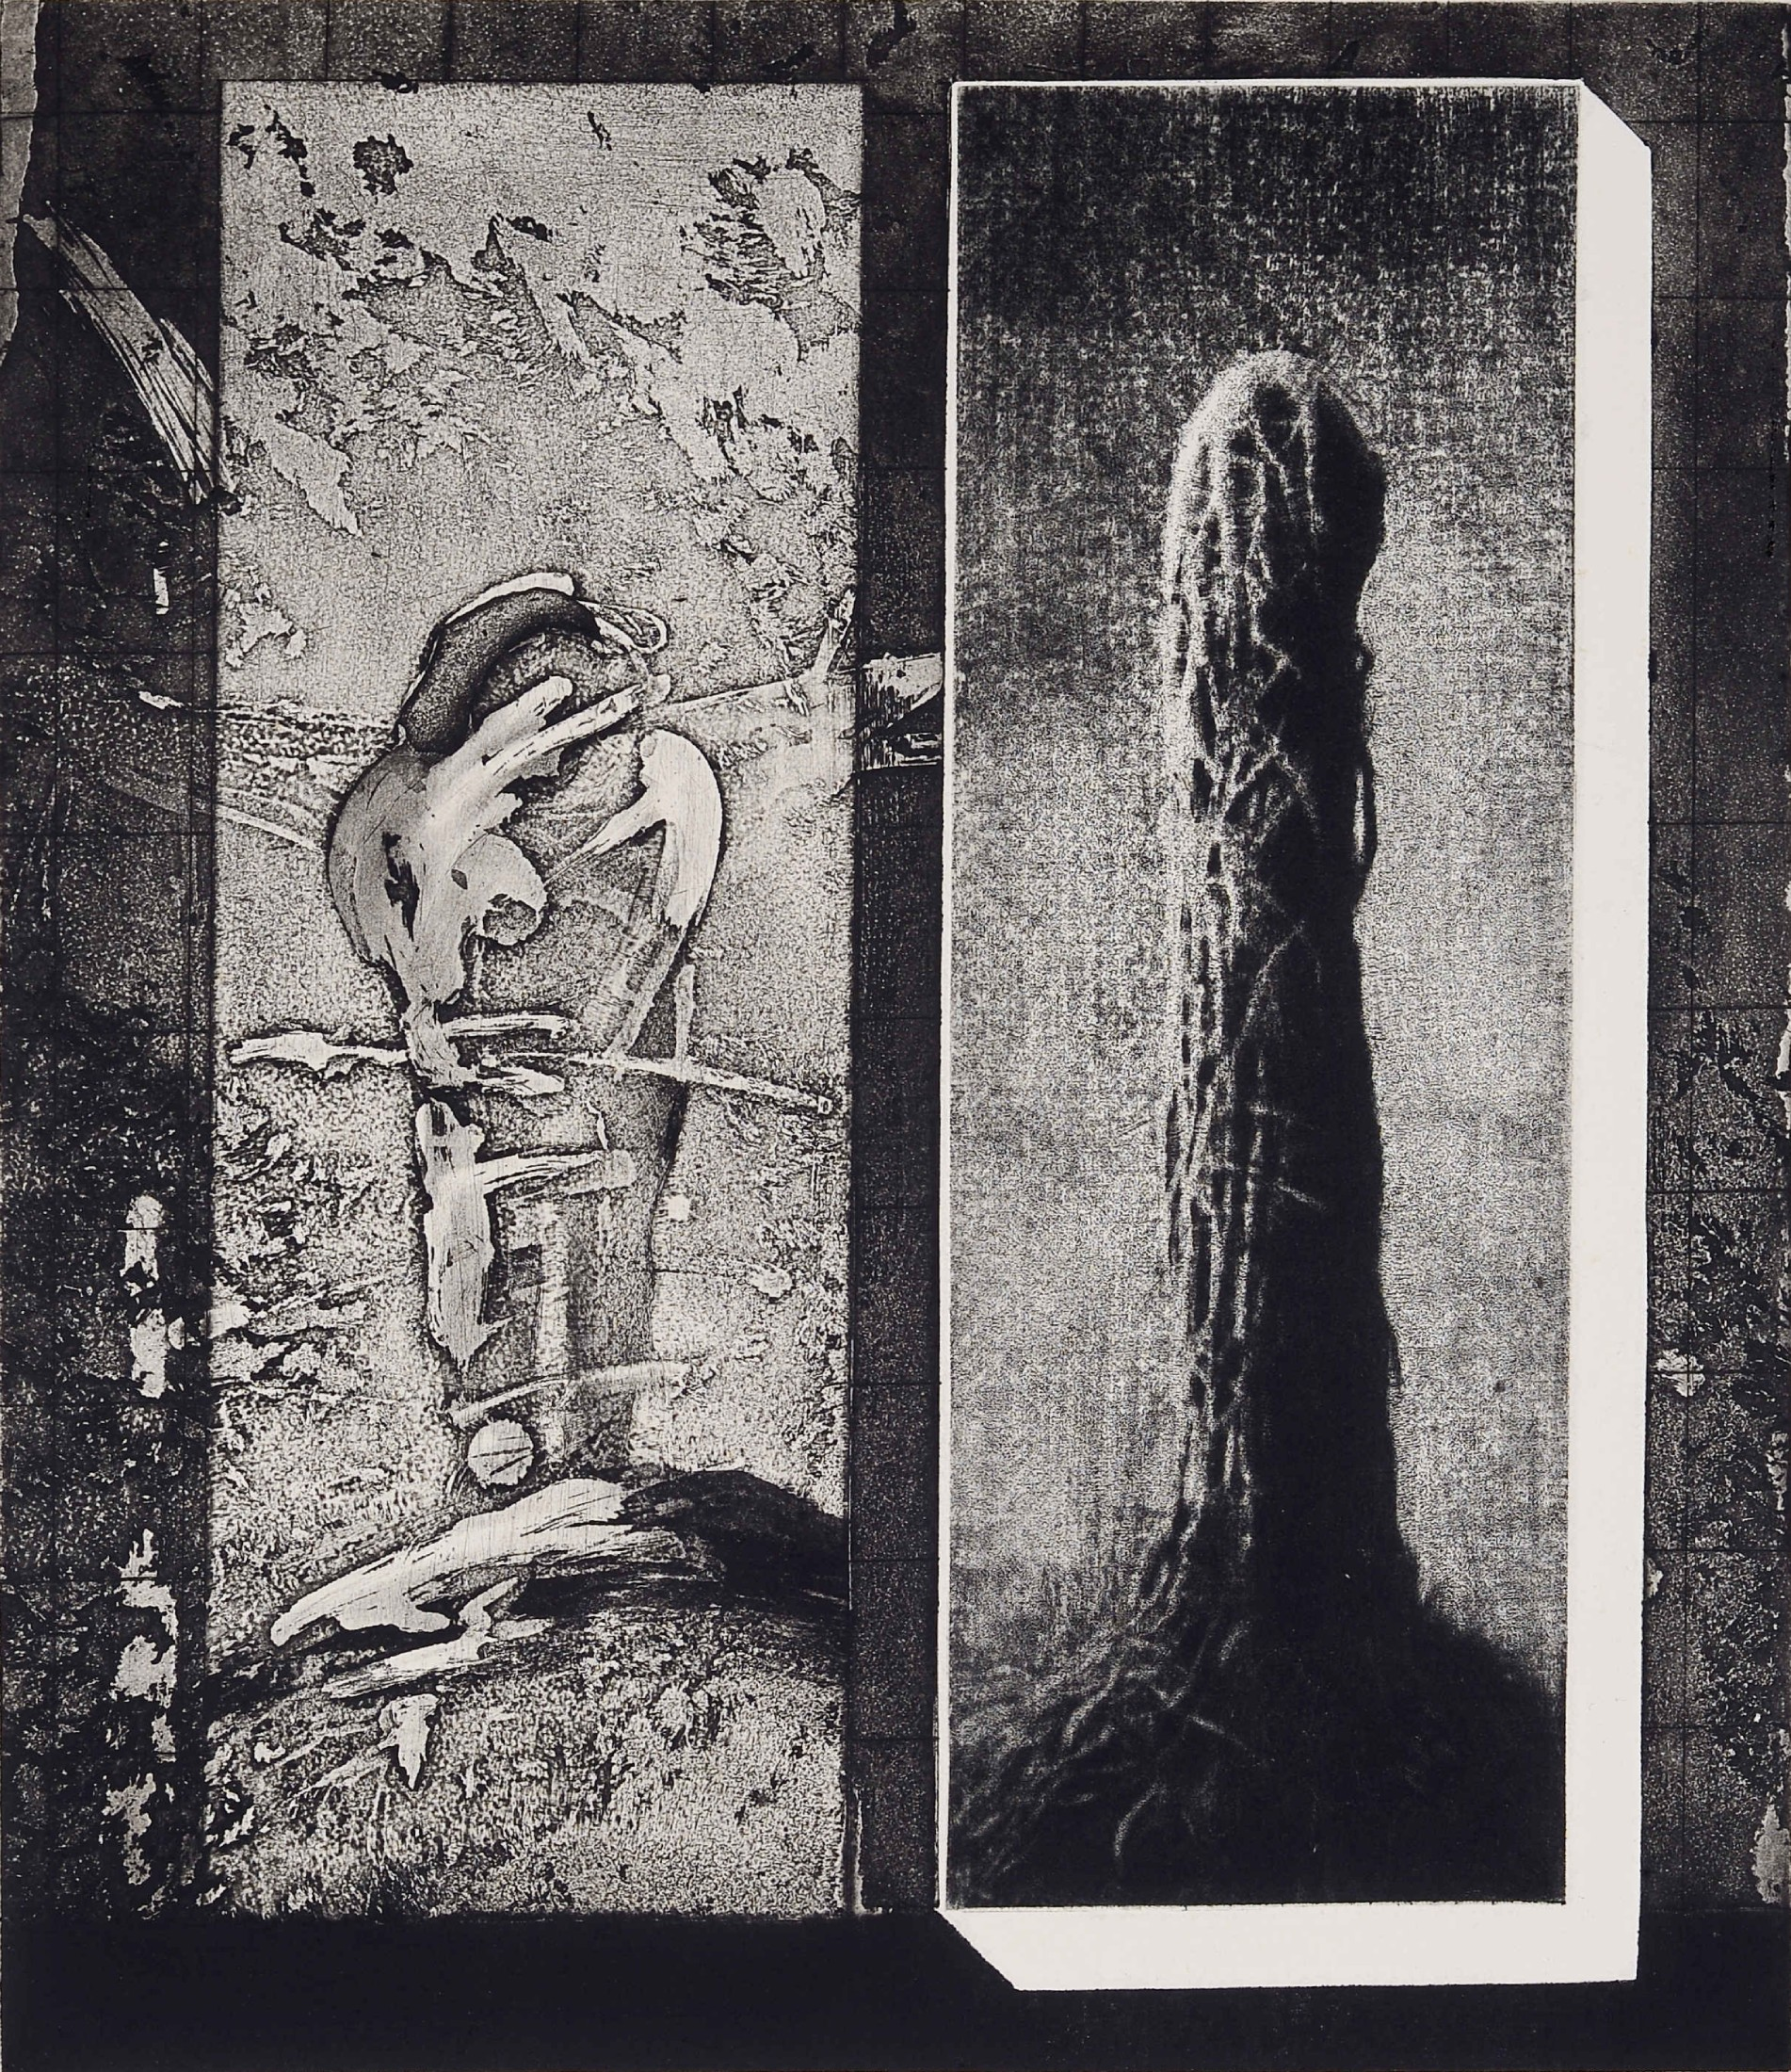 Drzewa umierają stojąc, 1983